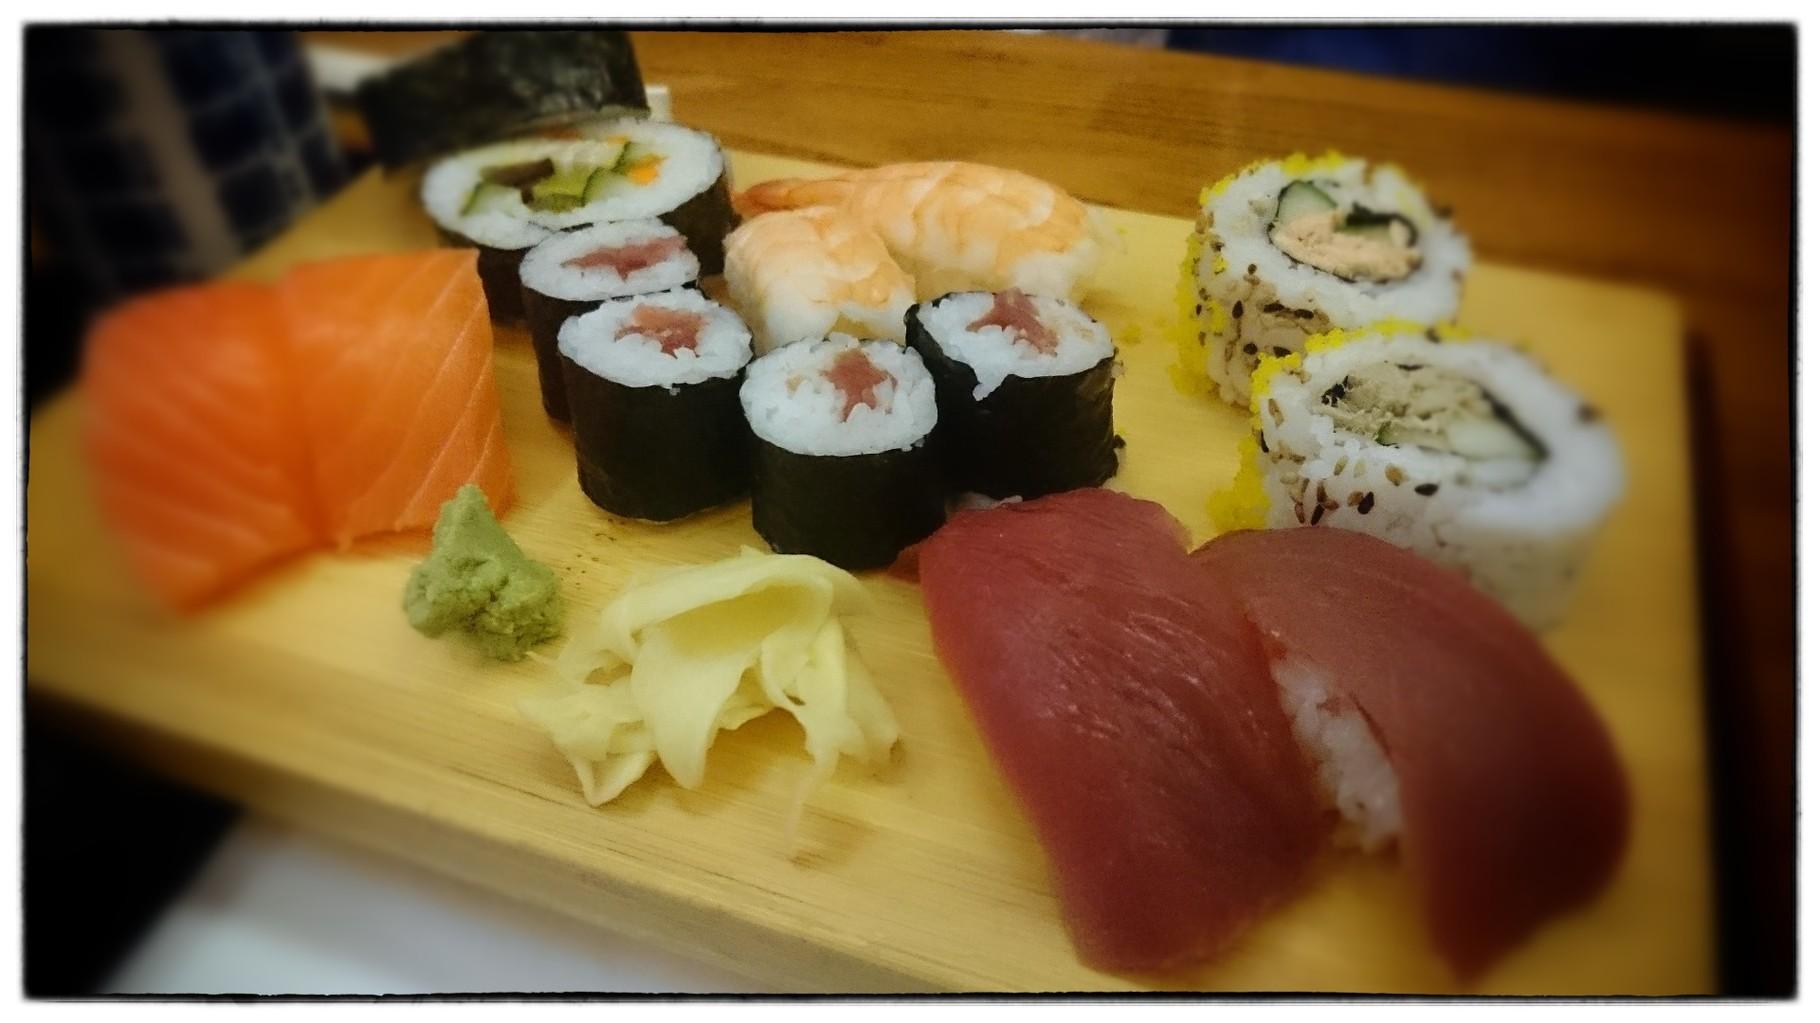 shogun karlsruhe kulinarische vielfalt restauranttest in karlsruhe essen gehen in karlsruhe. Black Bedroom Furniture Sets. Home Design Ideas